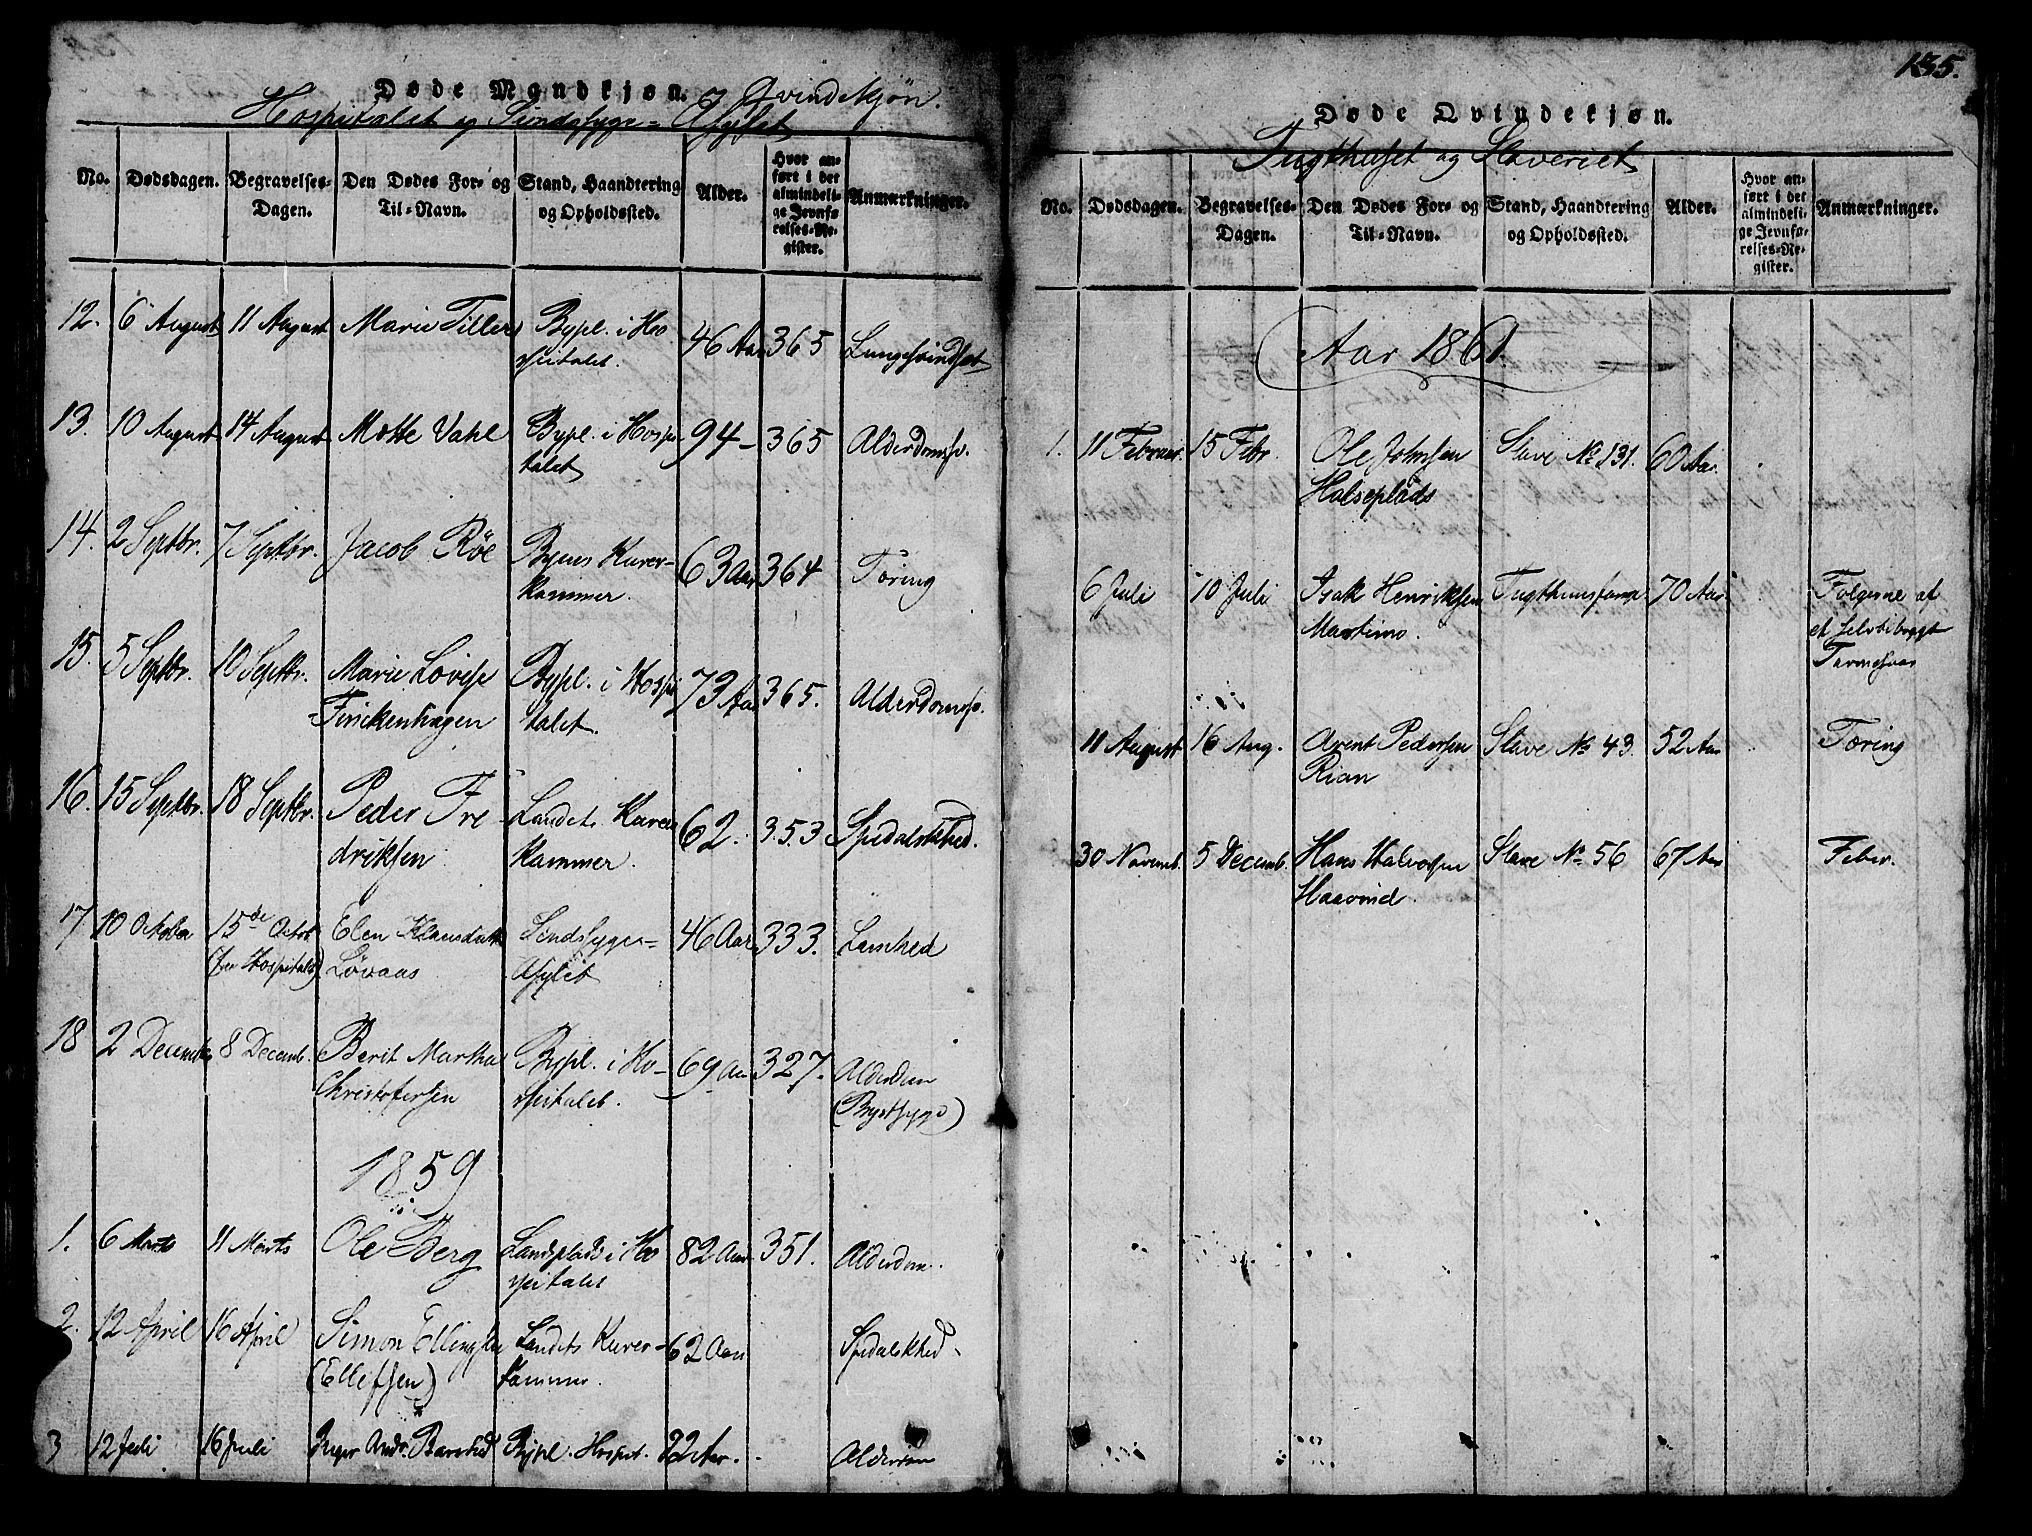 SAT, Ministerialprotokoller, klokkerbøker og fødselsregistre - Sør-Trøndelag, 623/L0478: Klokkerbok nr. 623C01, 1815-1873, s. 135